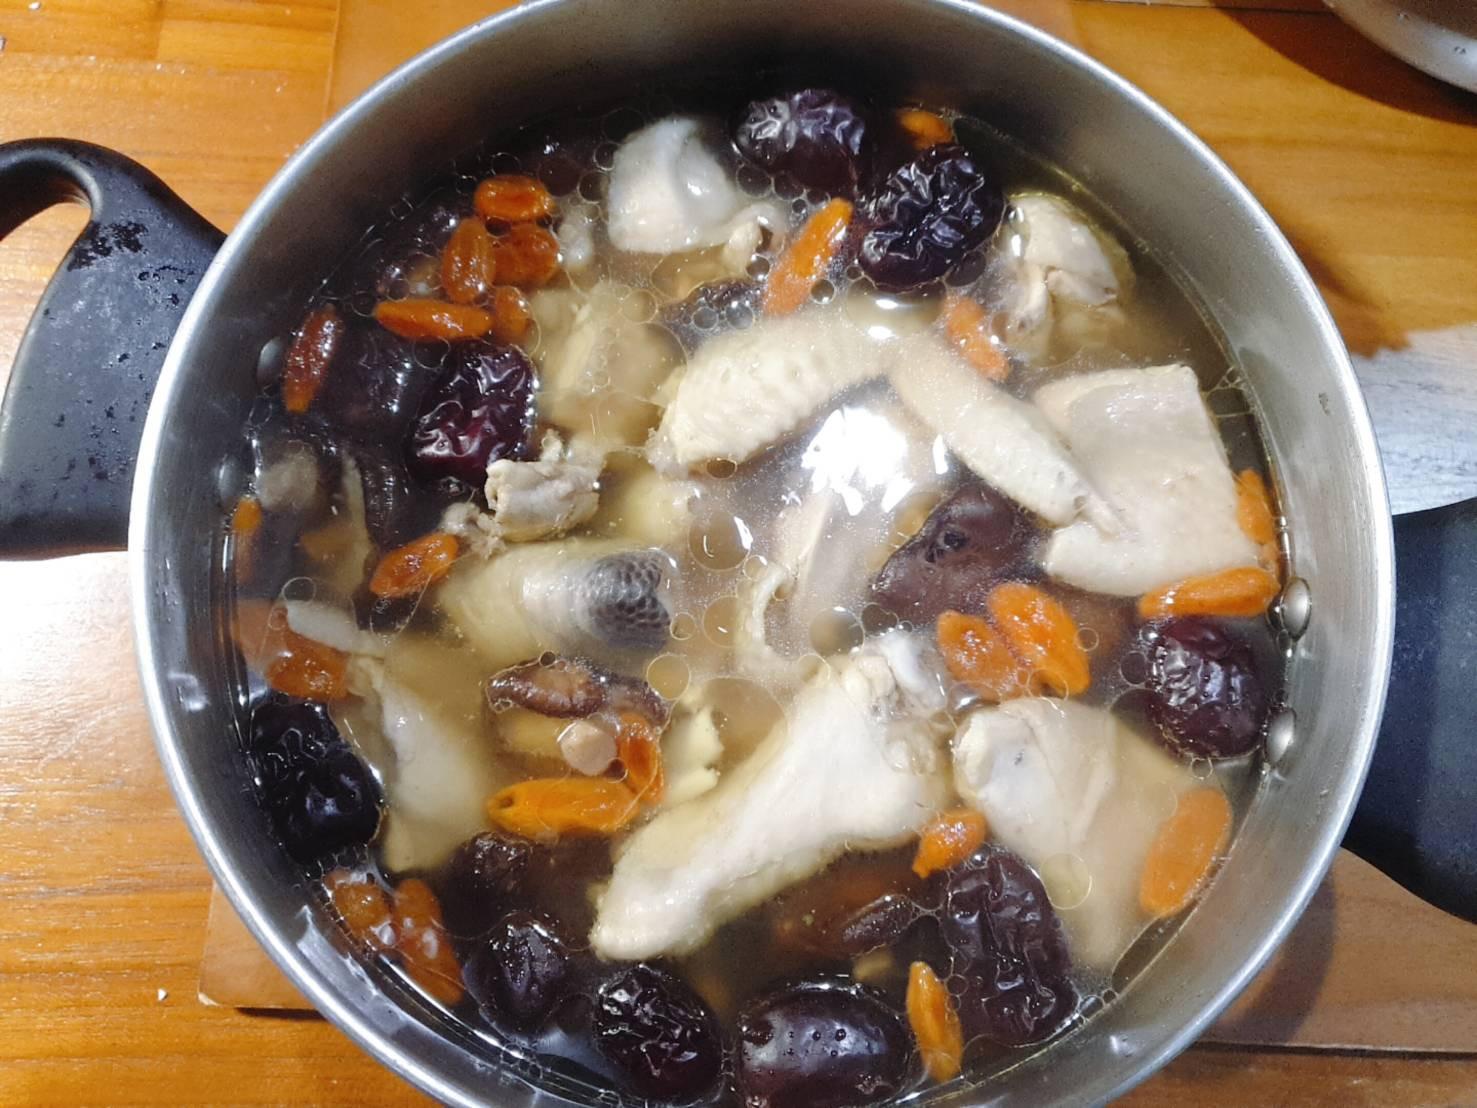 藥膳雞湯 枸杞紅棗當歸香菇雞湯